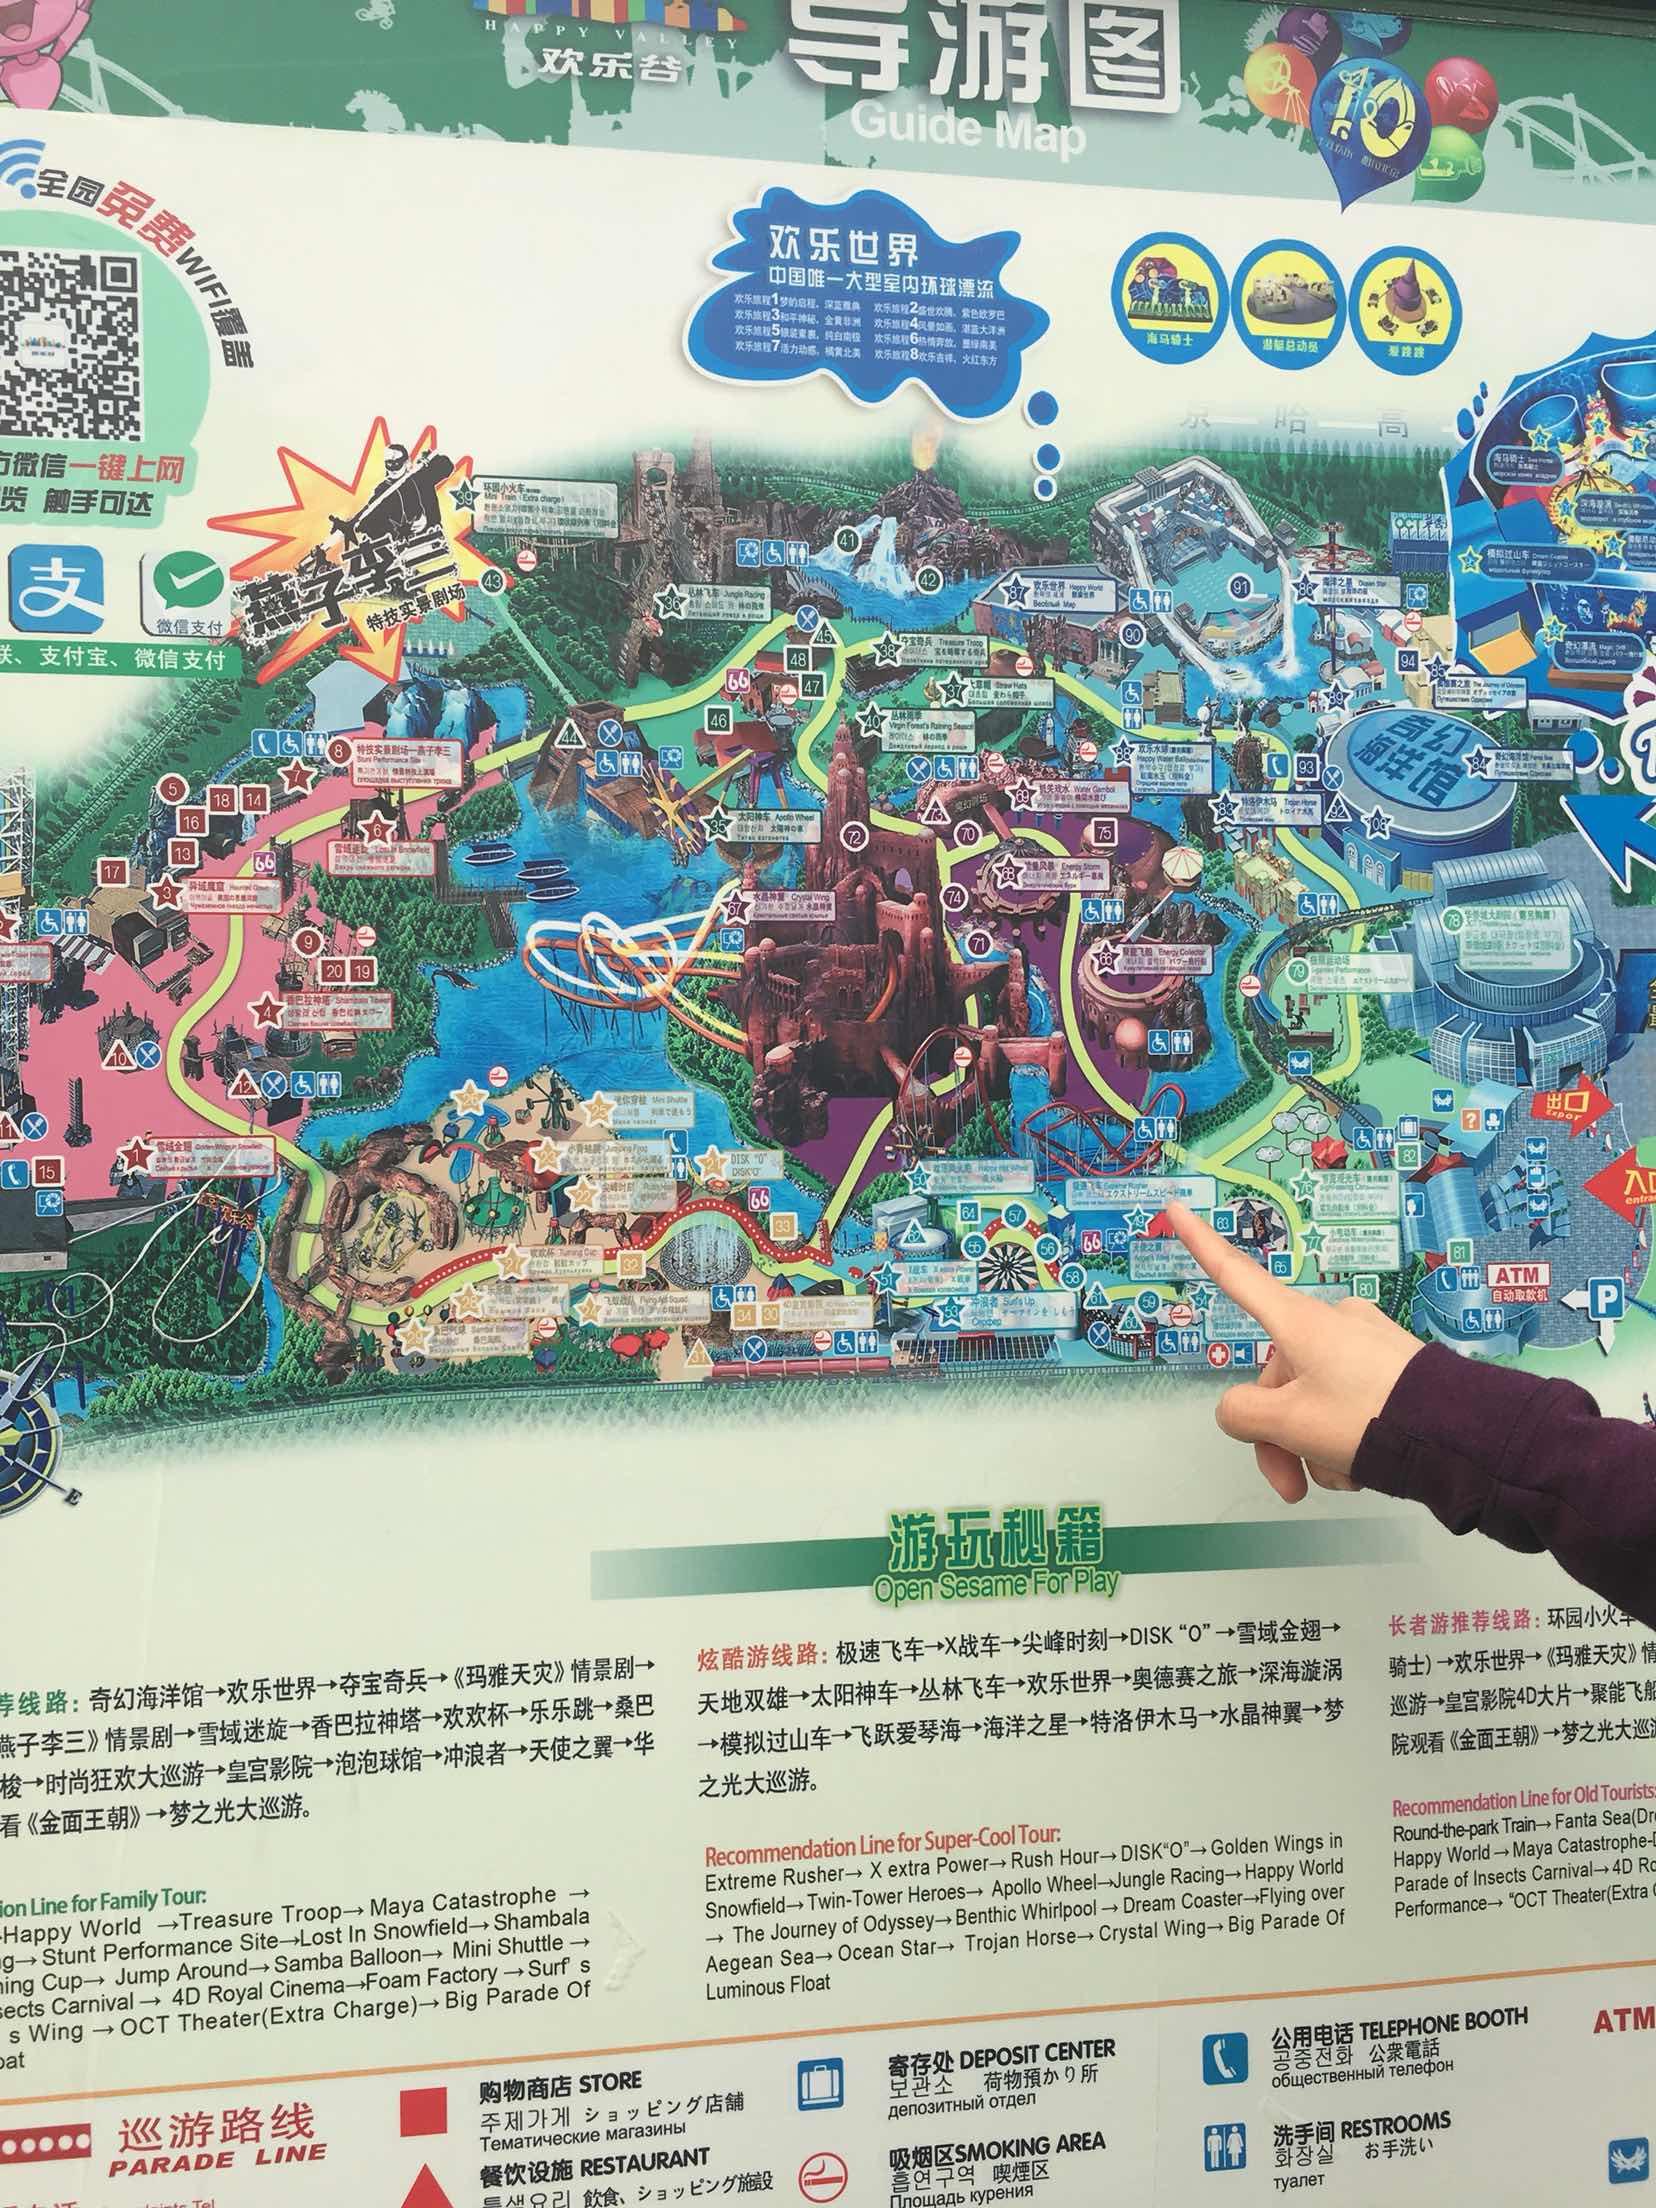 北京欢乐谷夜场门票多少钱一张